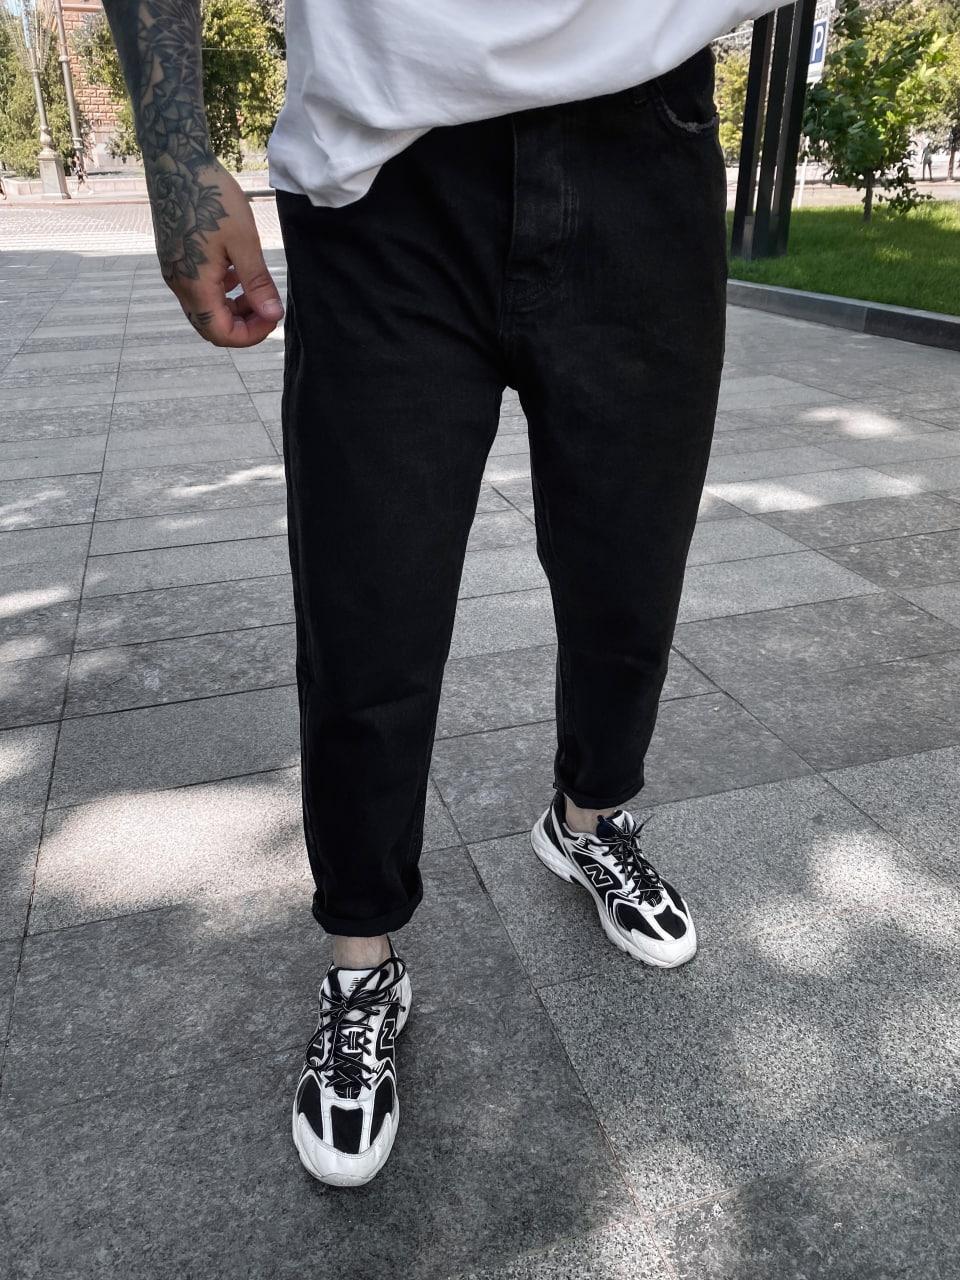 Джинси - Чоловічі чорні джинси МОМ / чоловічі джинси чорні МОМ